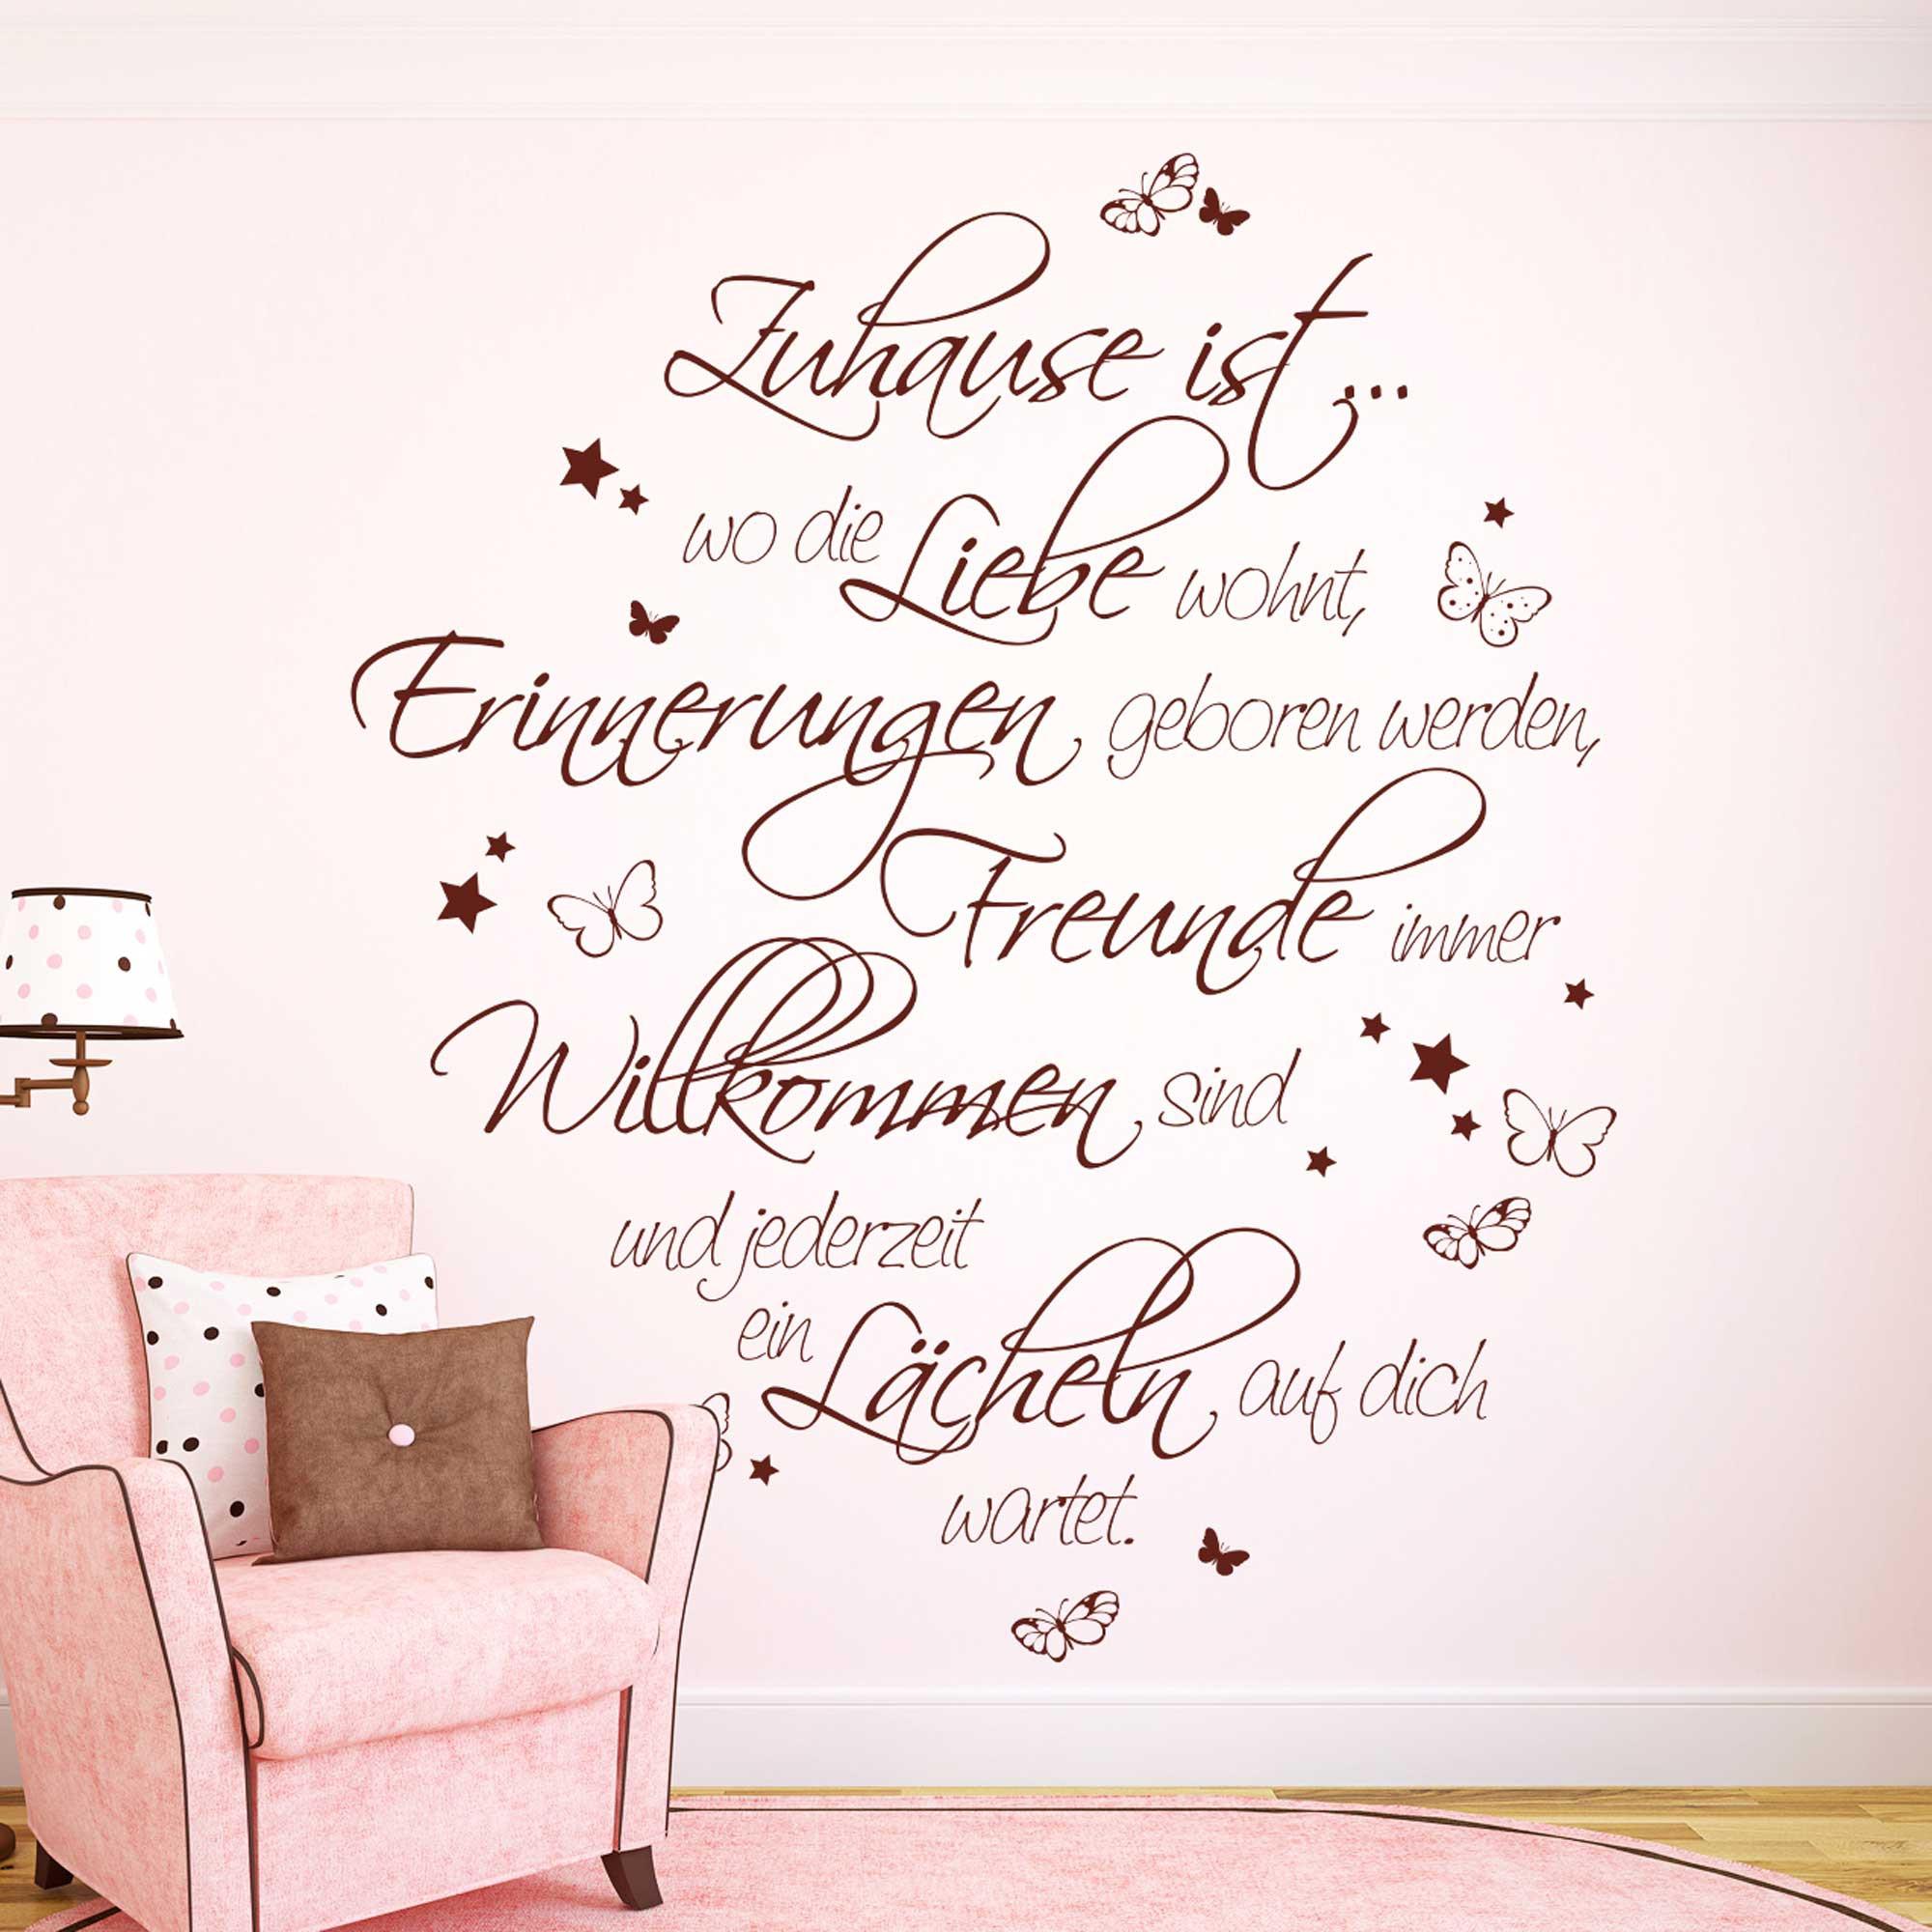 wandtattoo spruch zitat zuhause ist liebe erinnerungen familie mit sternen und. Black Bedroom Furniture Sets. Home Design Ideas